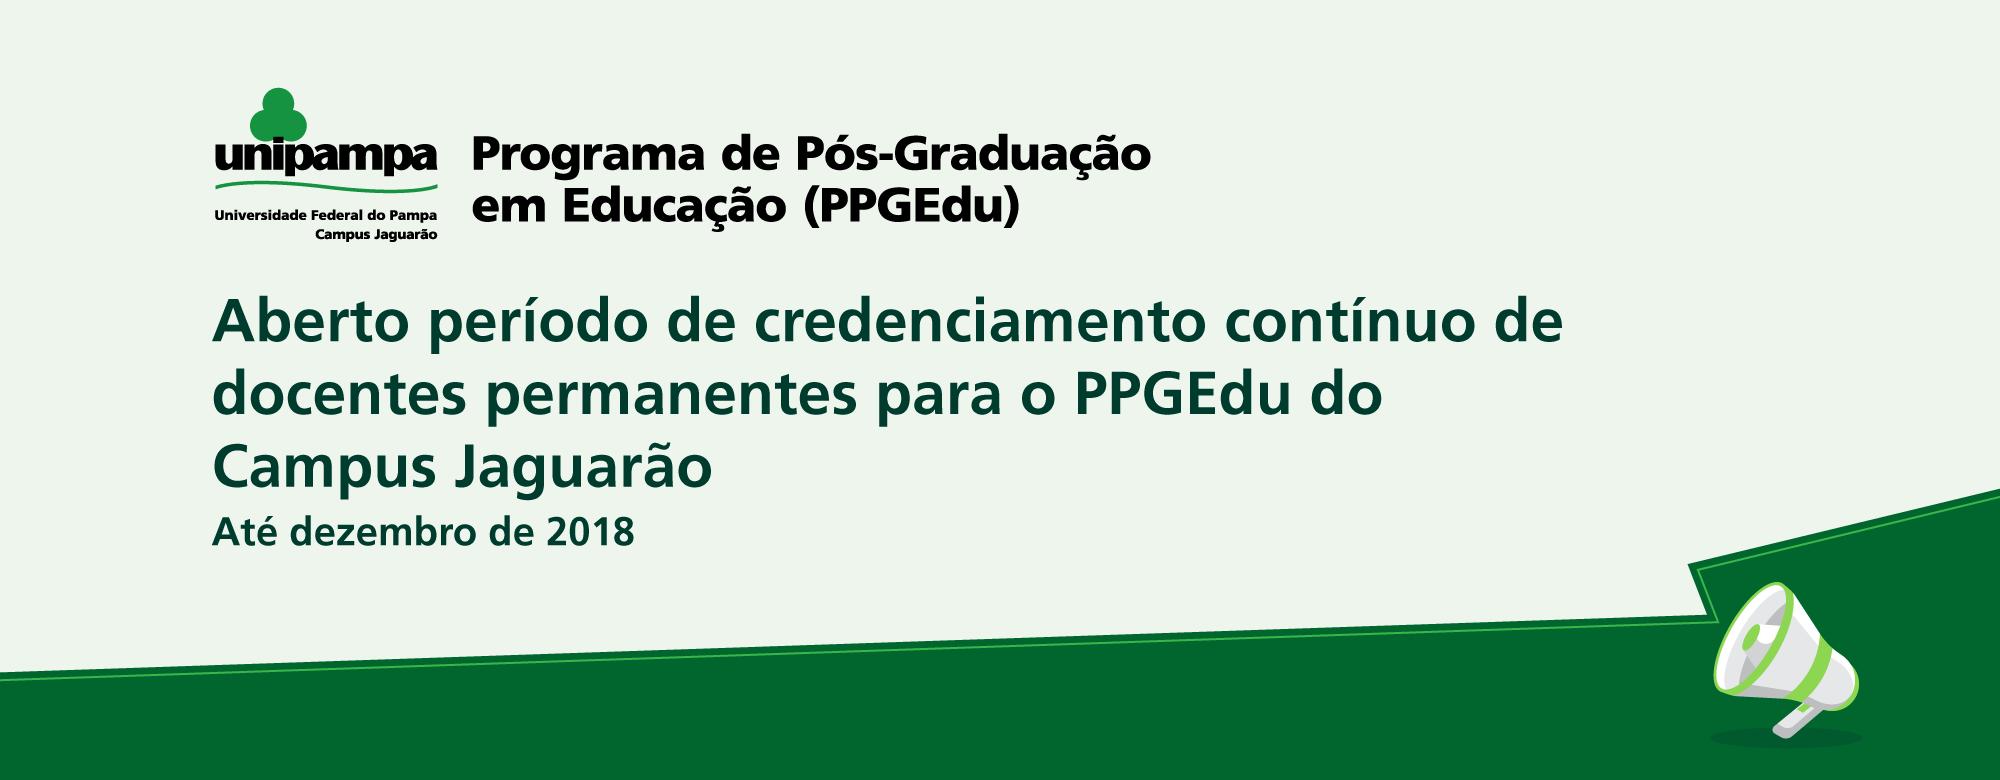 Banner publicitário em tons de verde anunciando a abertura do credenciamento para docentes permanentes do PPGEdu.